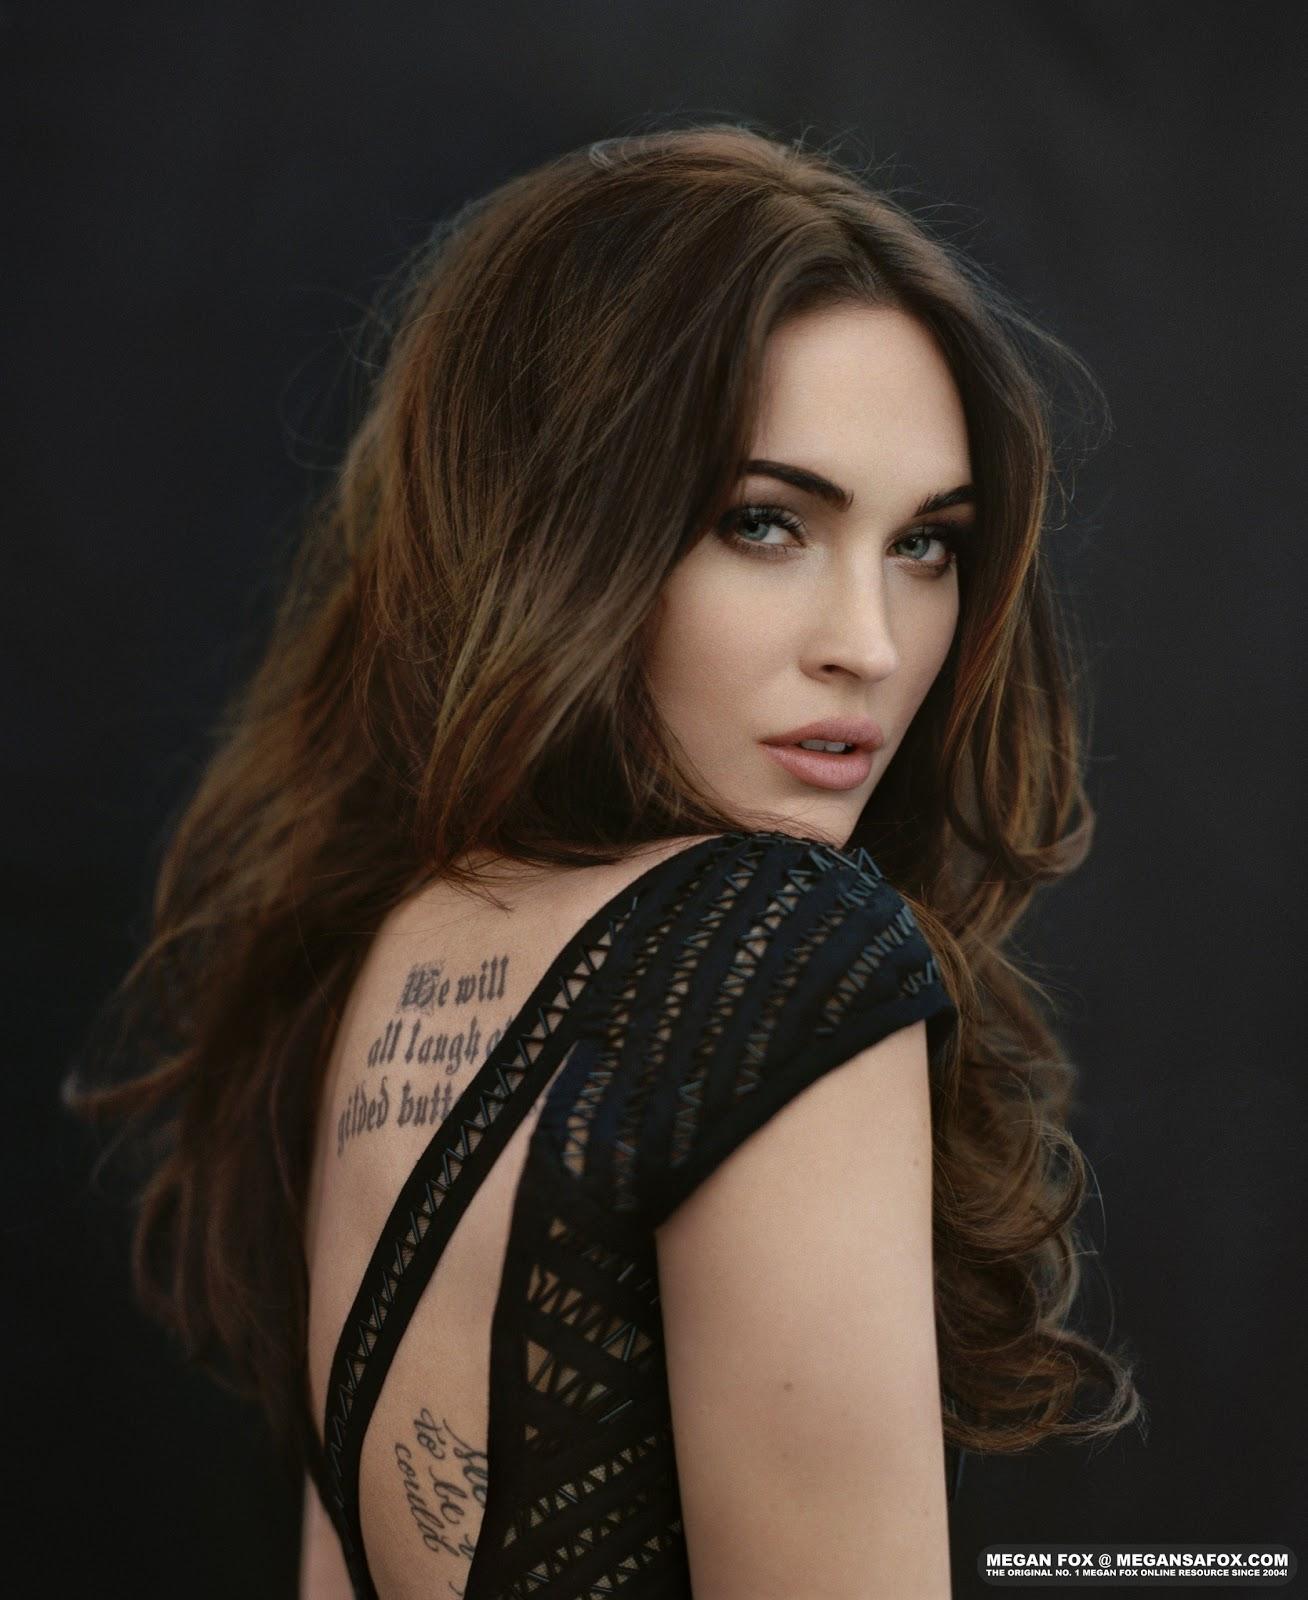 Megan Fox: Art 4 Logic: Megan Fox Cosmopolitan April 2012 Outtakes